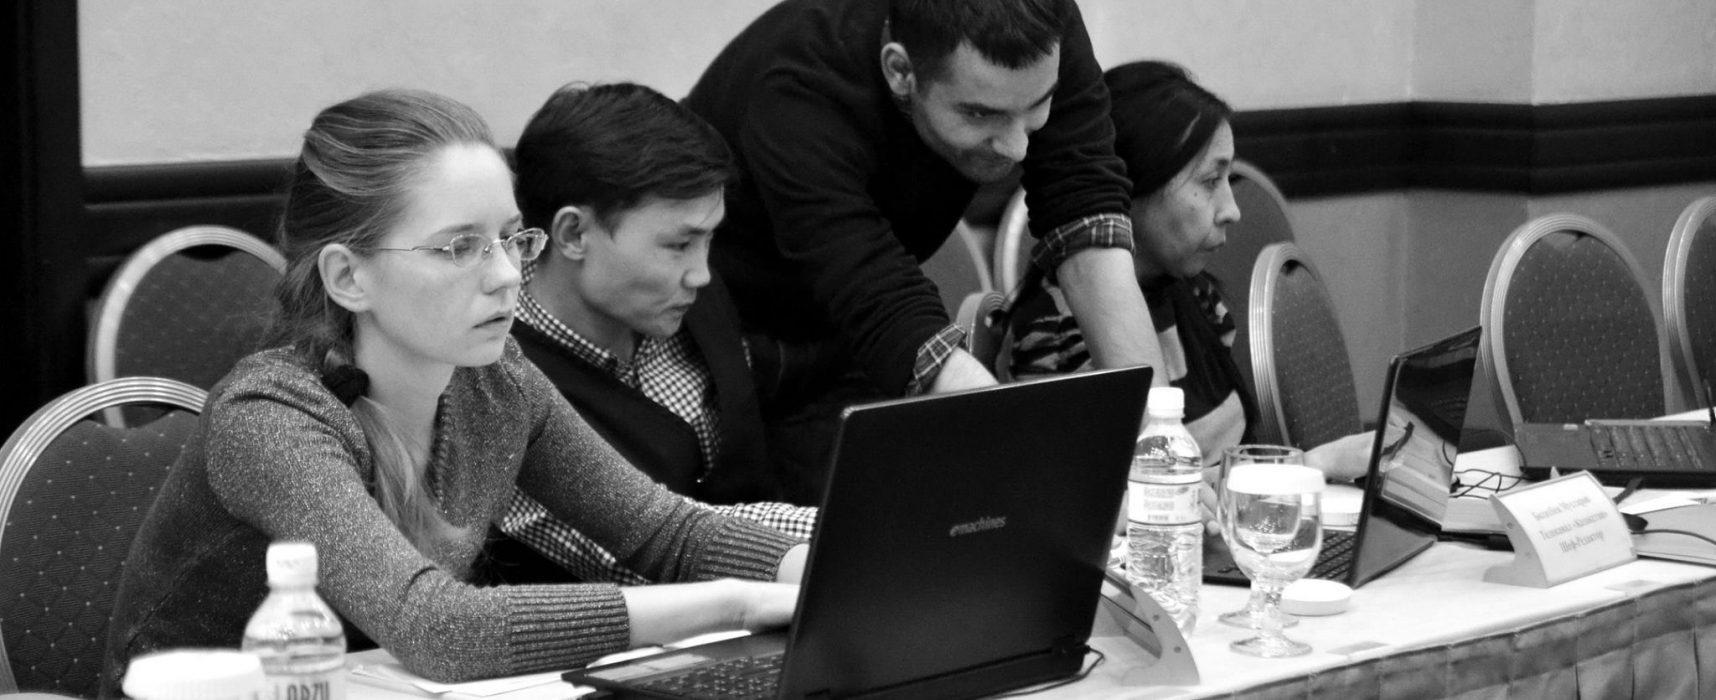 Тренеры StopFake рассказали о факт-чекинге и противостоянии пропаганде журналистам в Казахстане, политикам из Грузии и Азербайджана